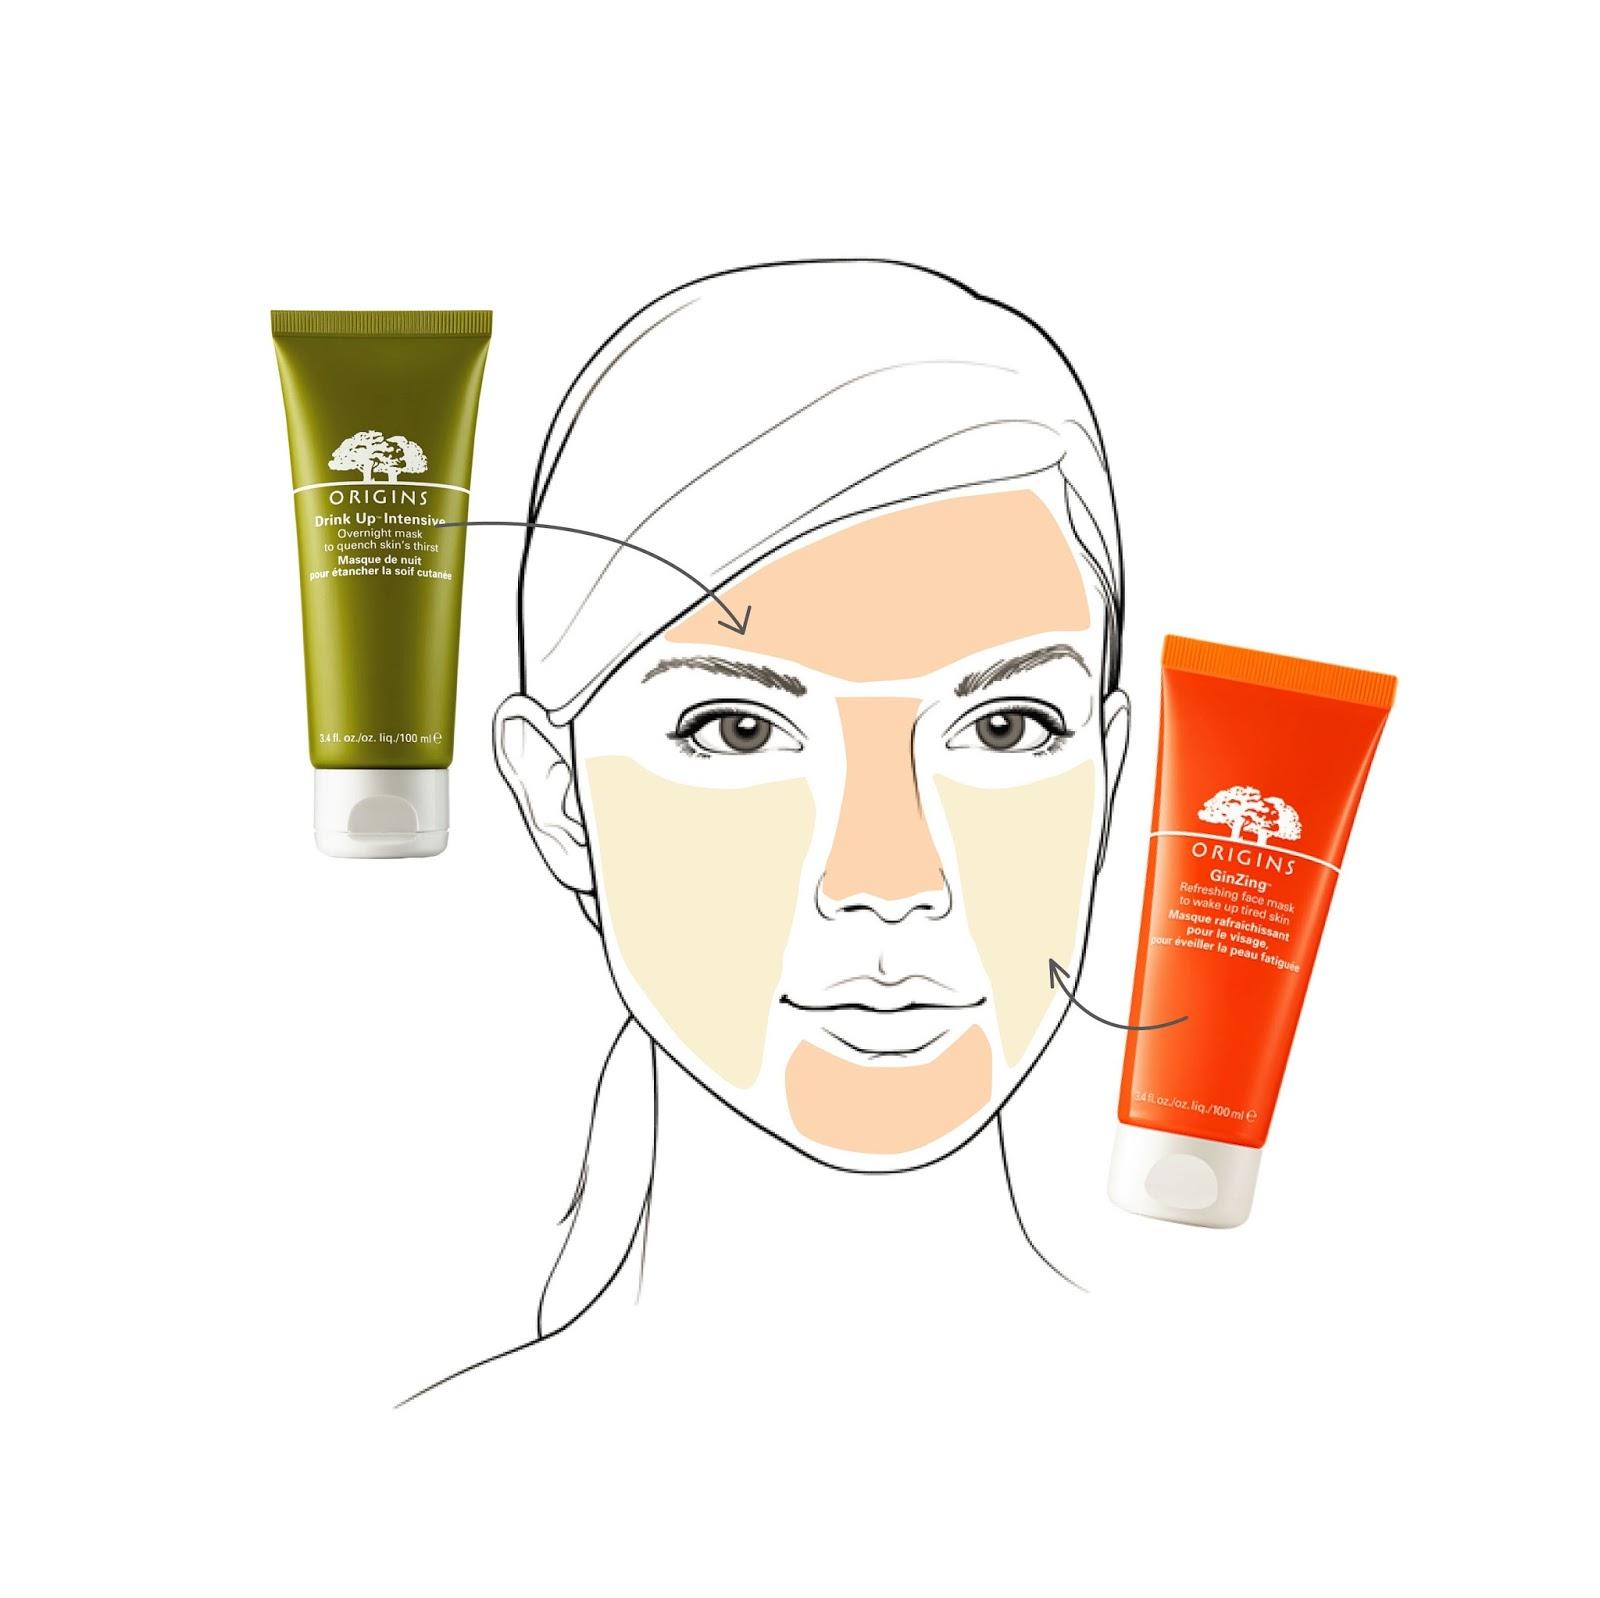 เวลาเราพักผ่อนไม่พอผิวหน้าจะหมอง เลยต้องปลุกความสดชื่นด้วย GinZing Refeshing Mask บริเวณแก้มและใต้ตา แล้วก็เติมความชุ่มชื่นด้วย Drink Up Intensive Mask บริเวณหน้าผาก จมูก และคาง